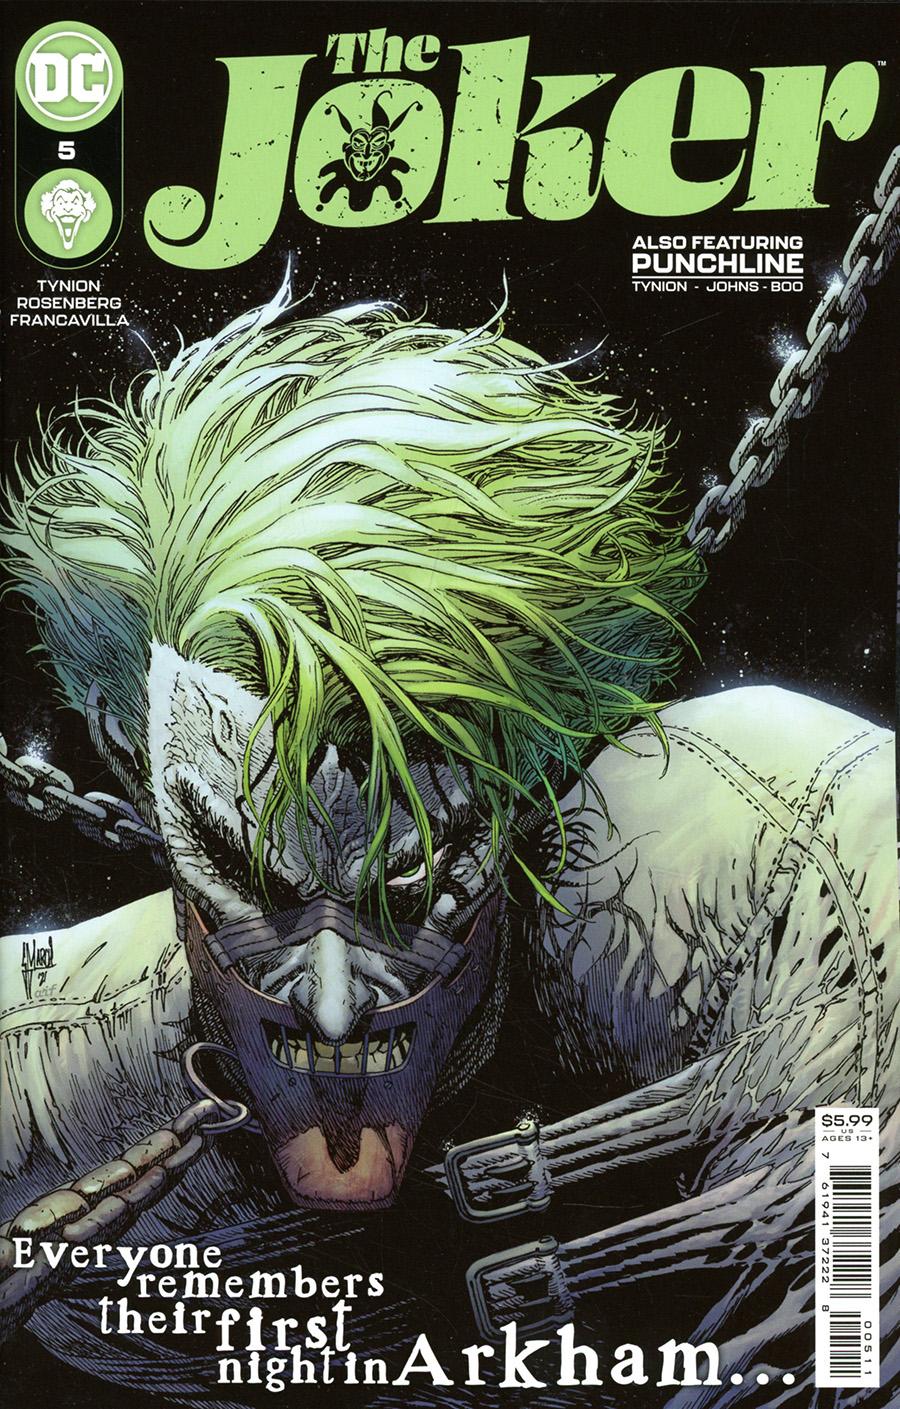 Joker Vol 2 #5 Cover A Regular Guillem March Cover